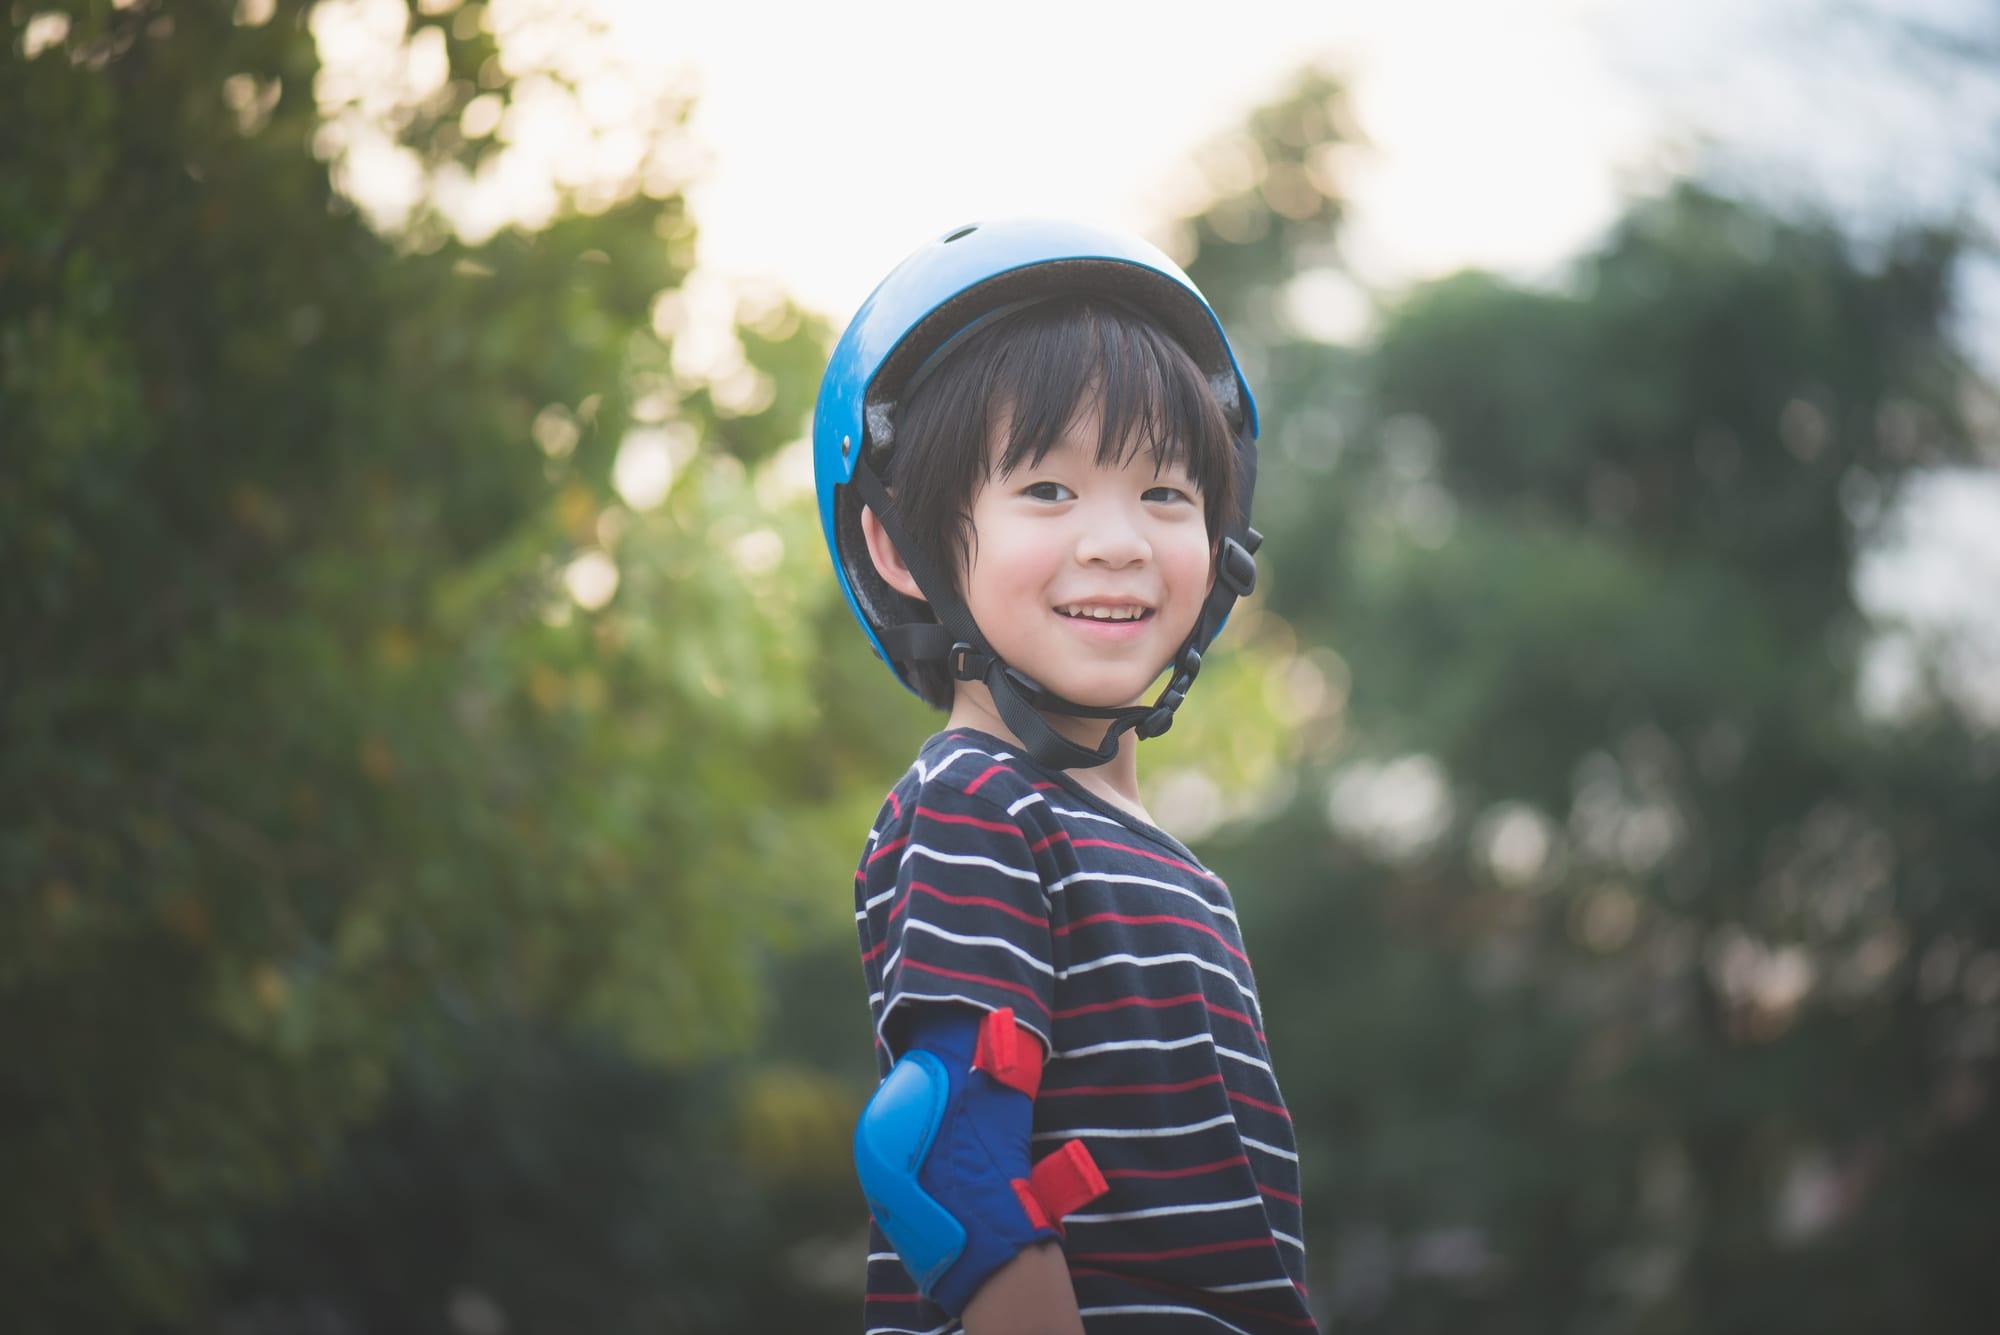 ストライダー用のヘルメットは用途・目的で選ぶことが大切